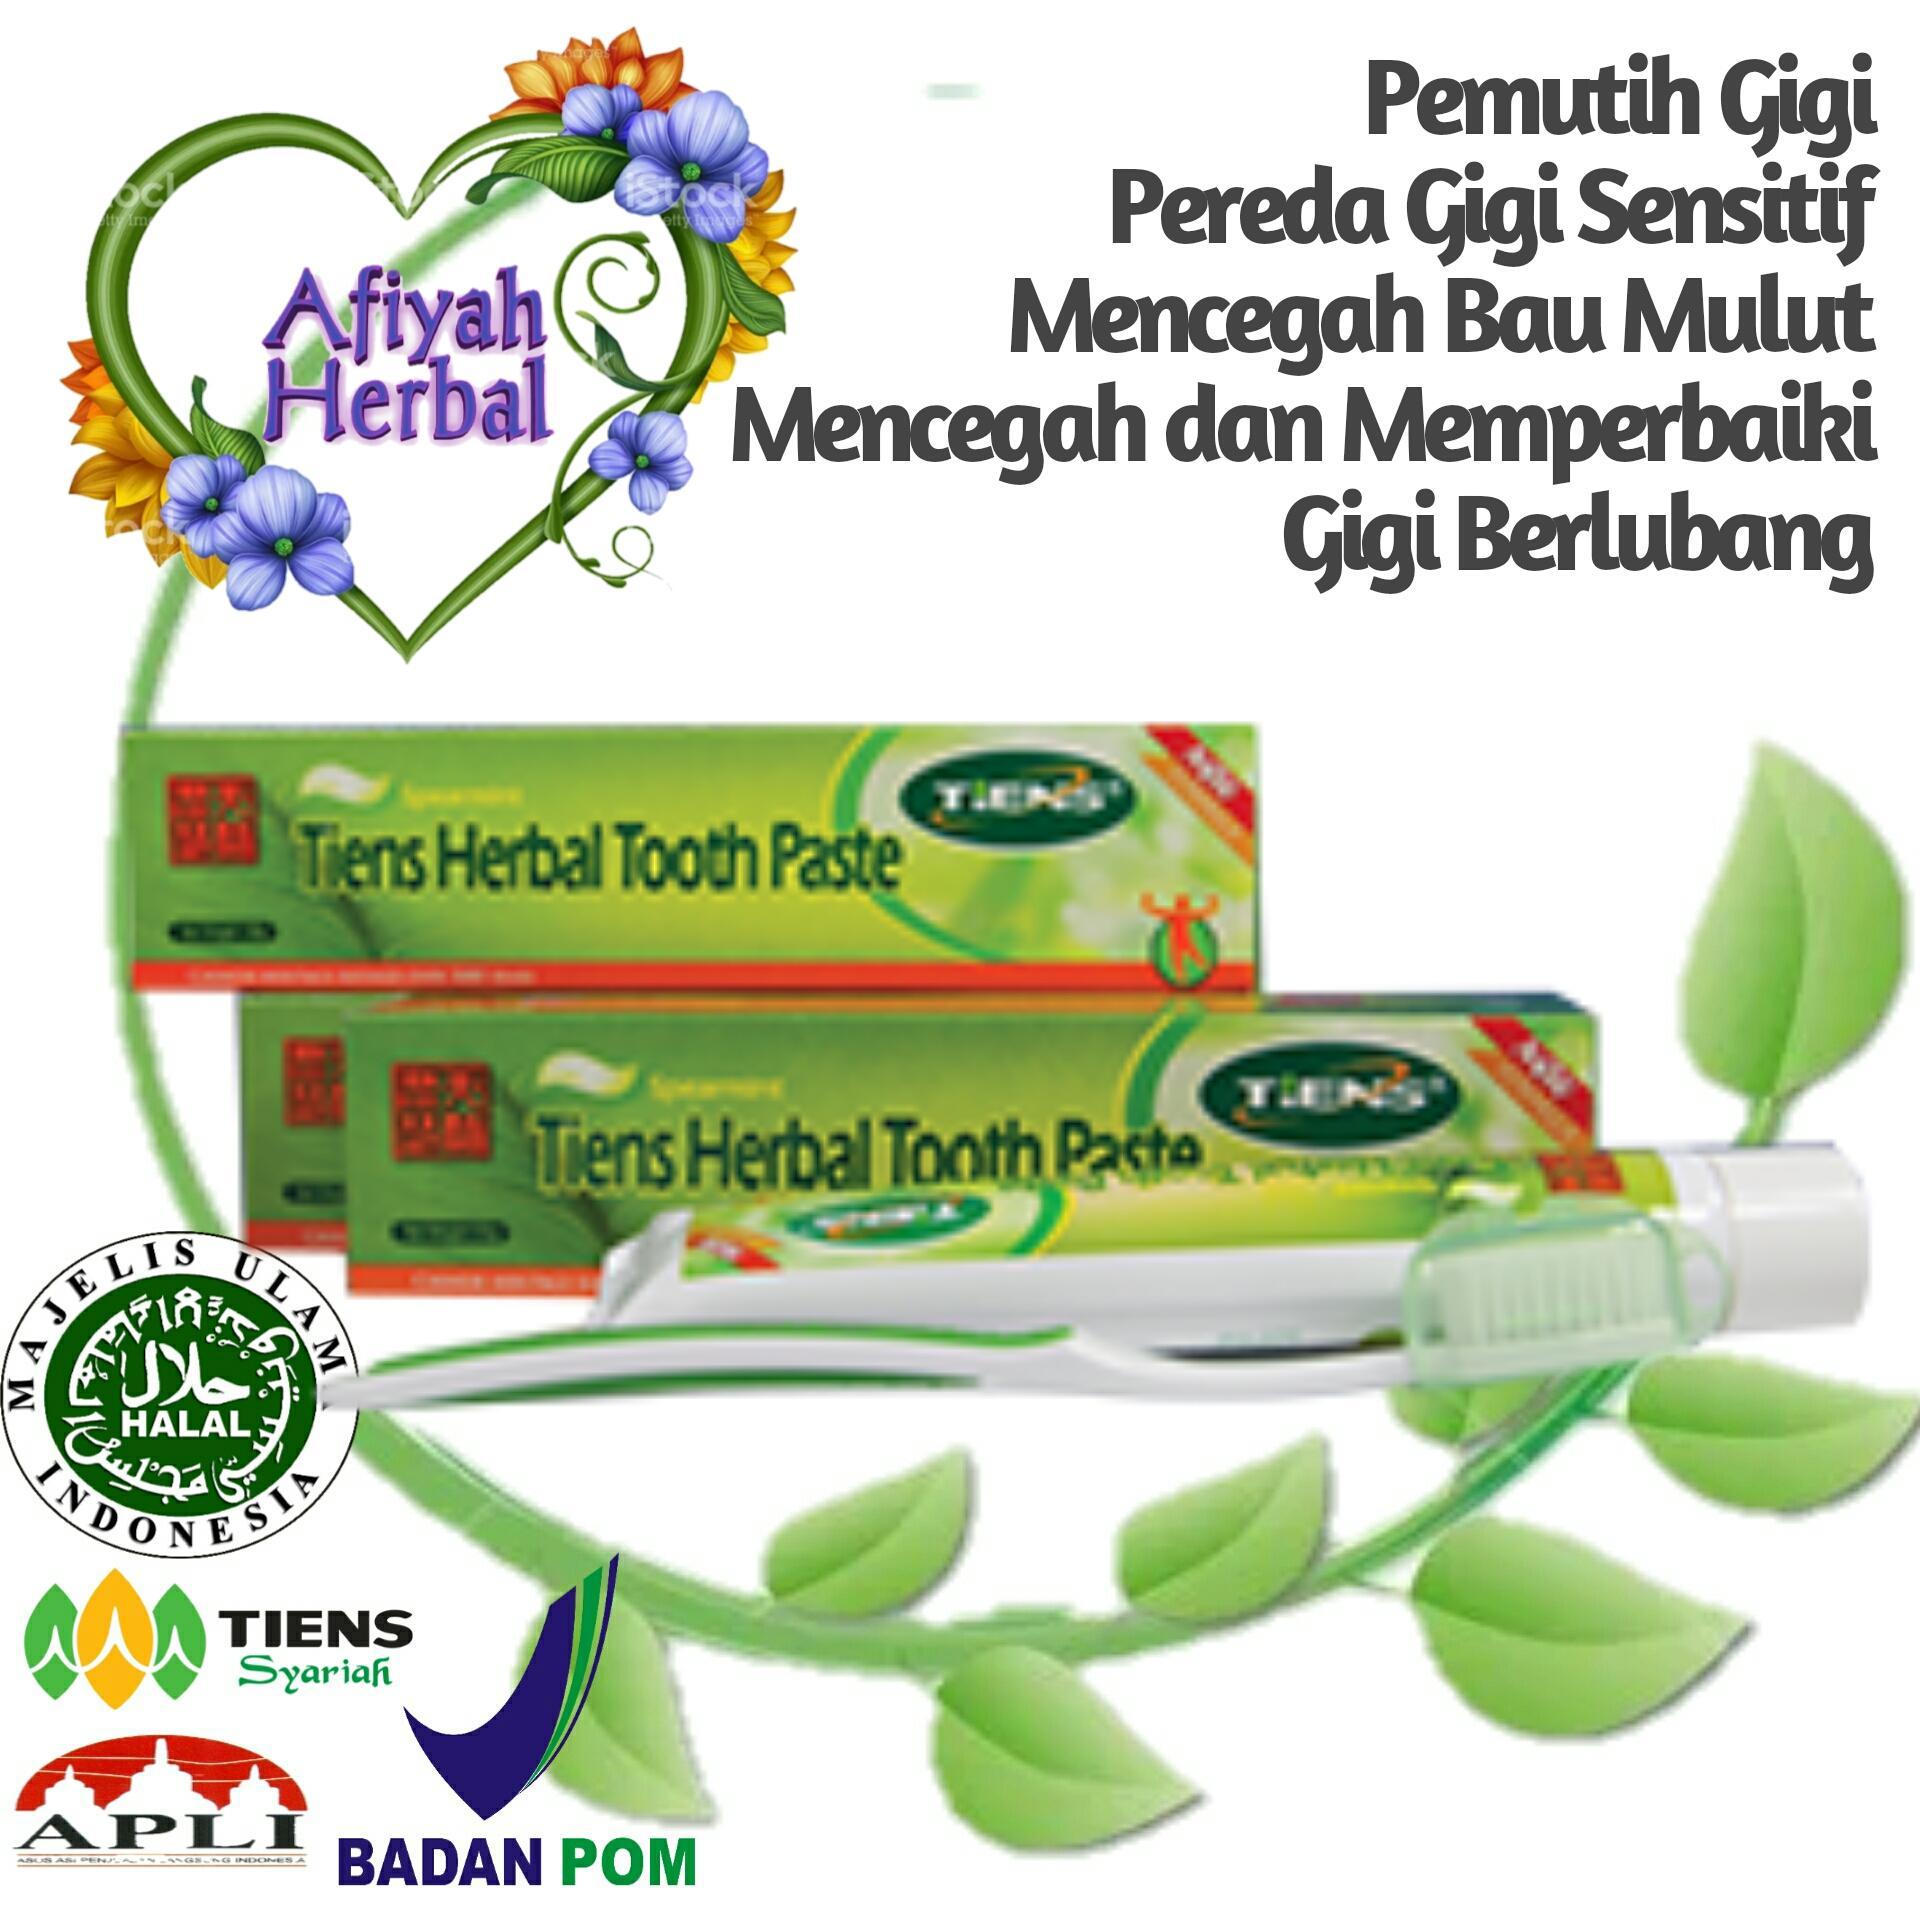 Tiens Herbal Toothpaste Pasta Gigi / Odol / Pemutih Gigi / Mencegah dan Memperbaiki Gigi Berlubang